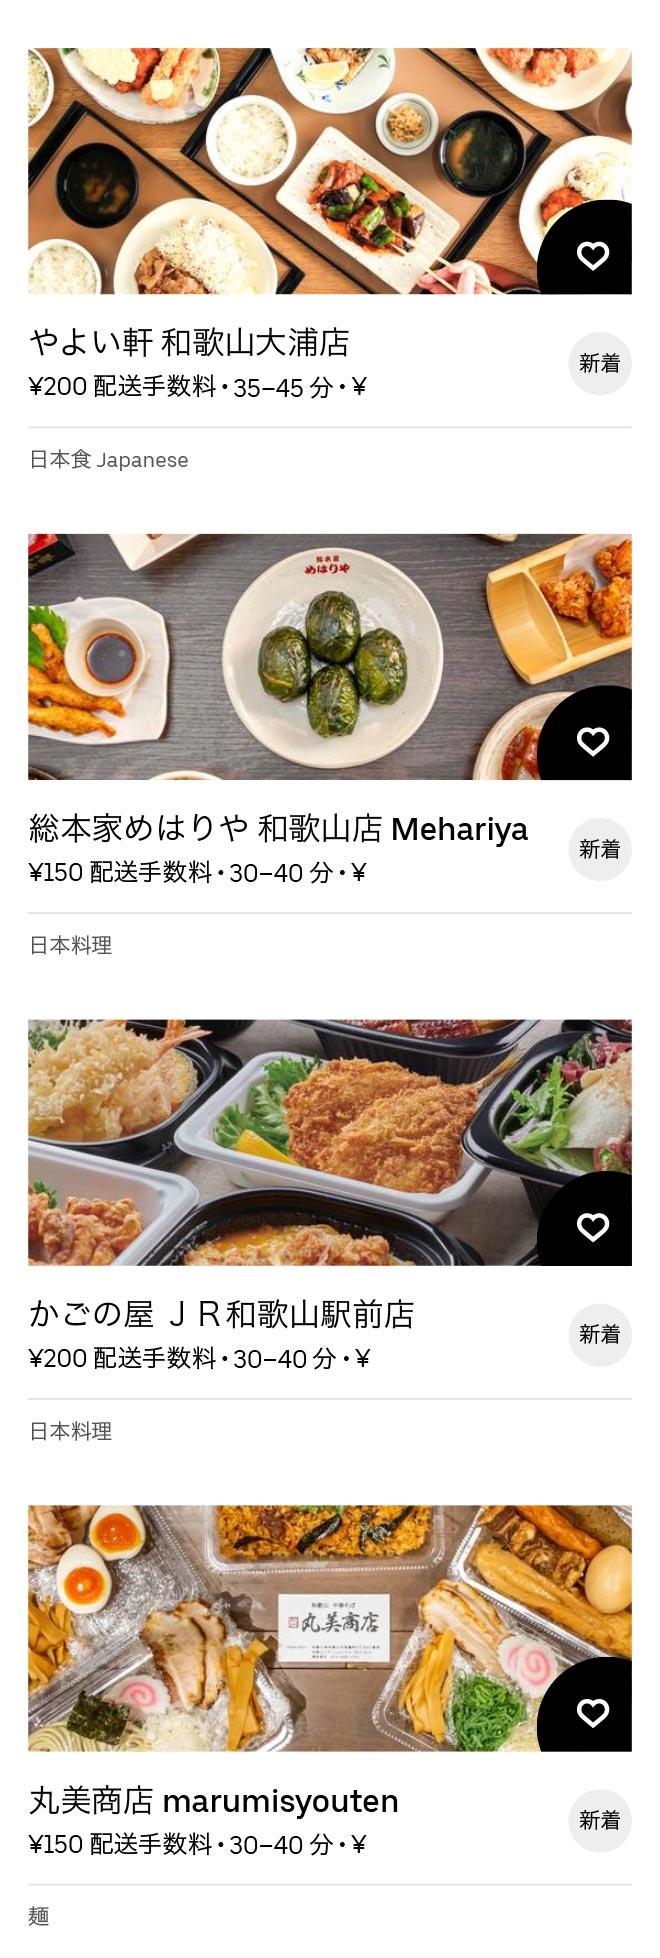 W miyamae menu 2011 4